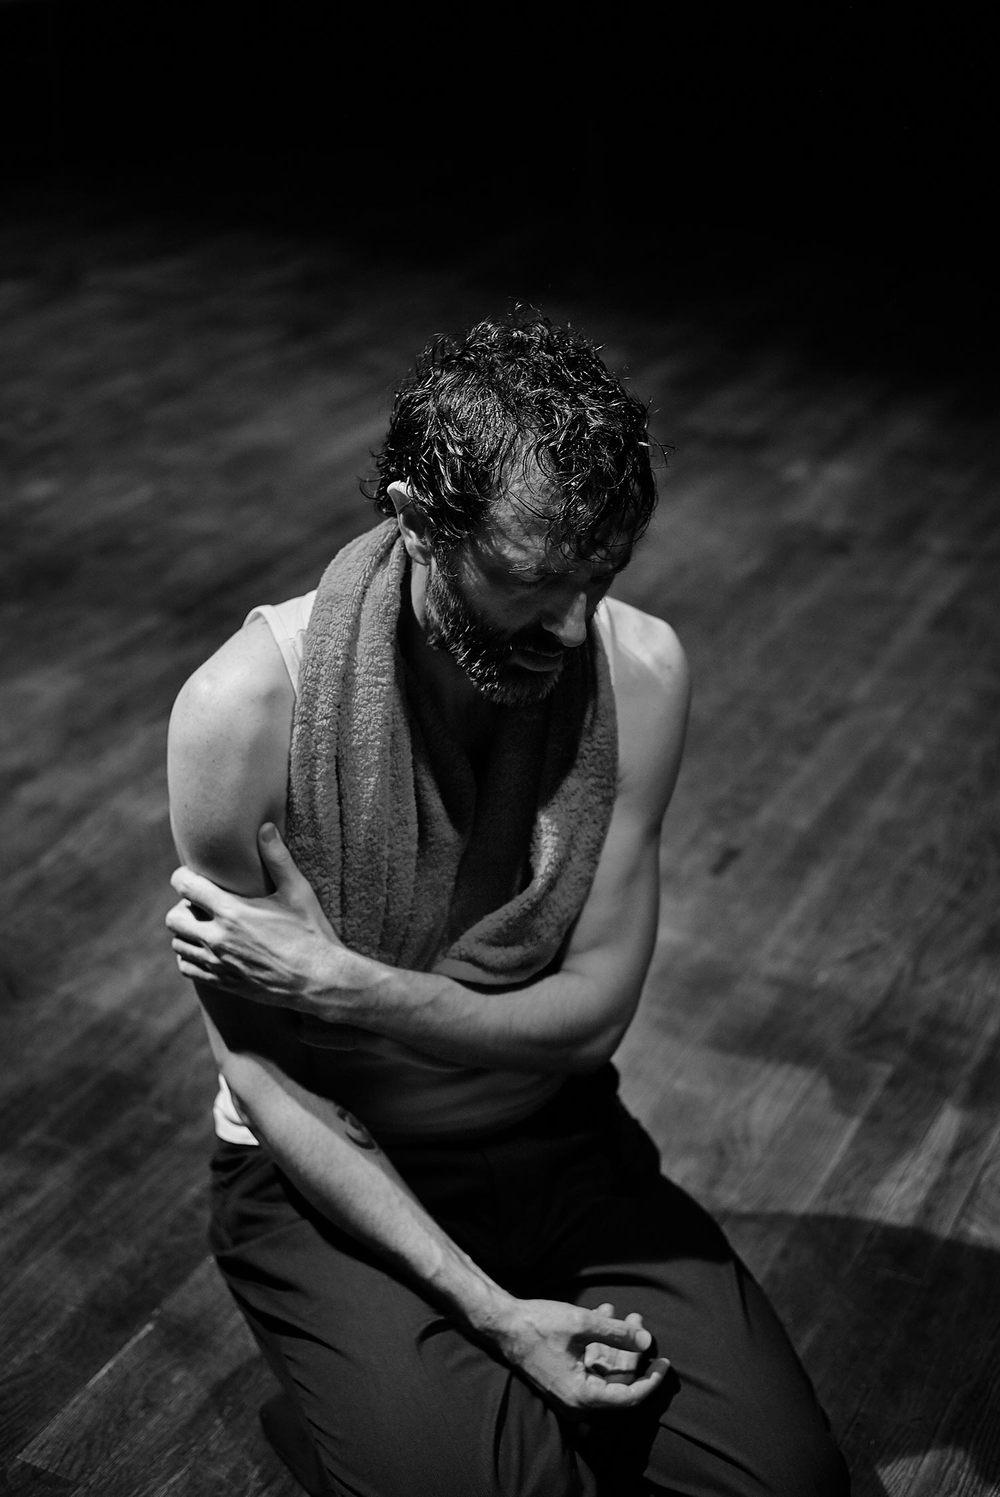 El actor Txavi Pérez respira, se repone de la intensidad del ensayo